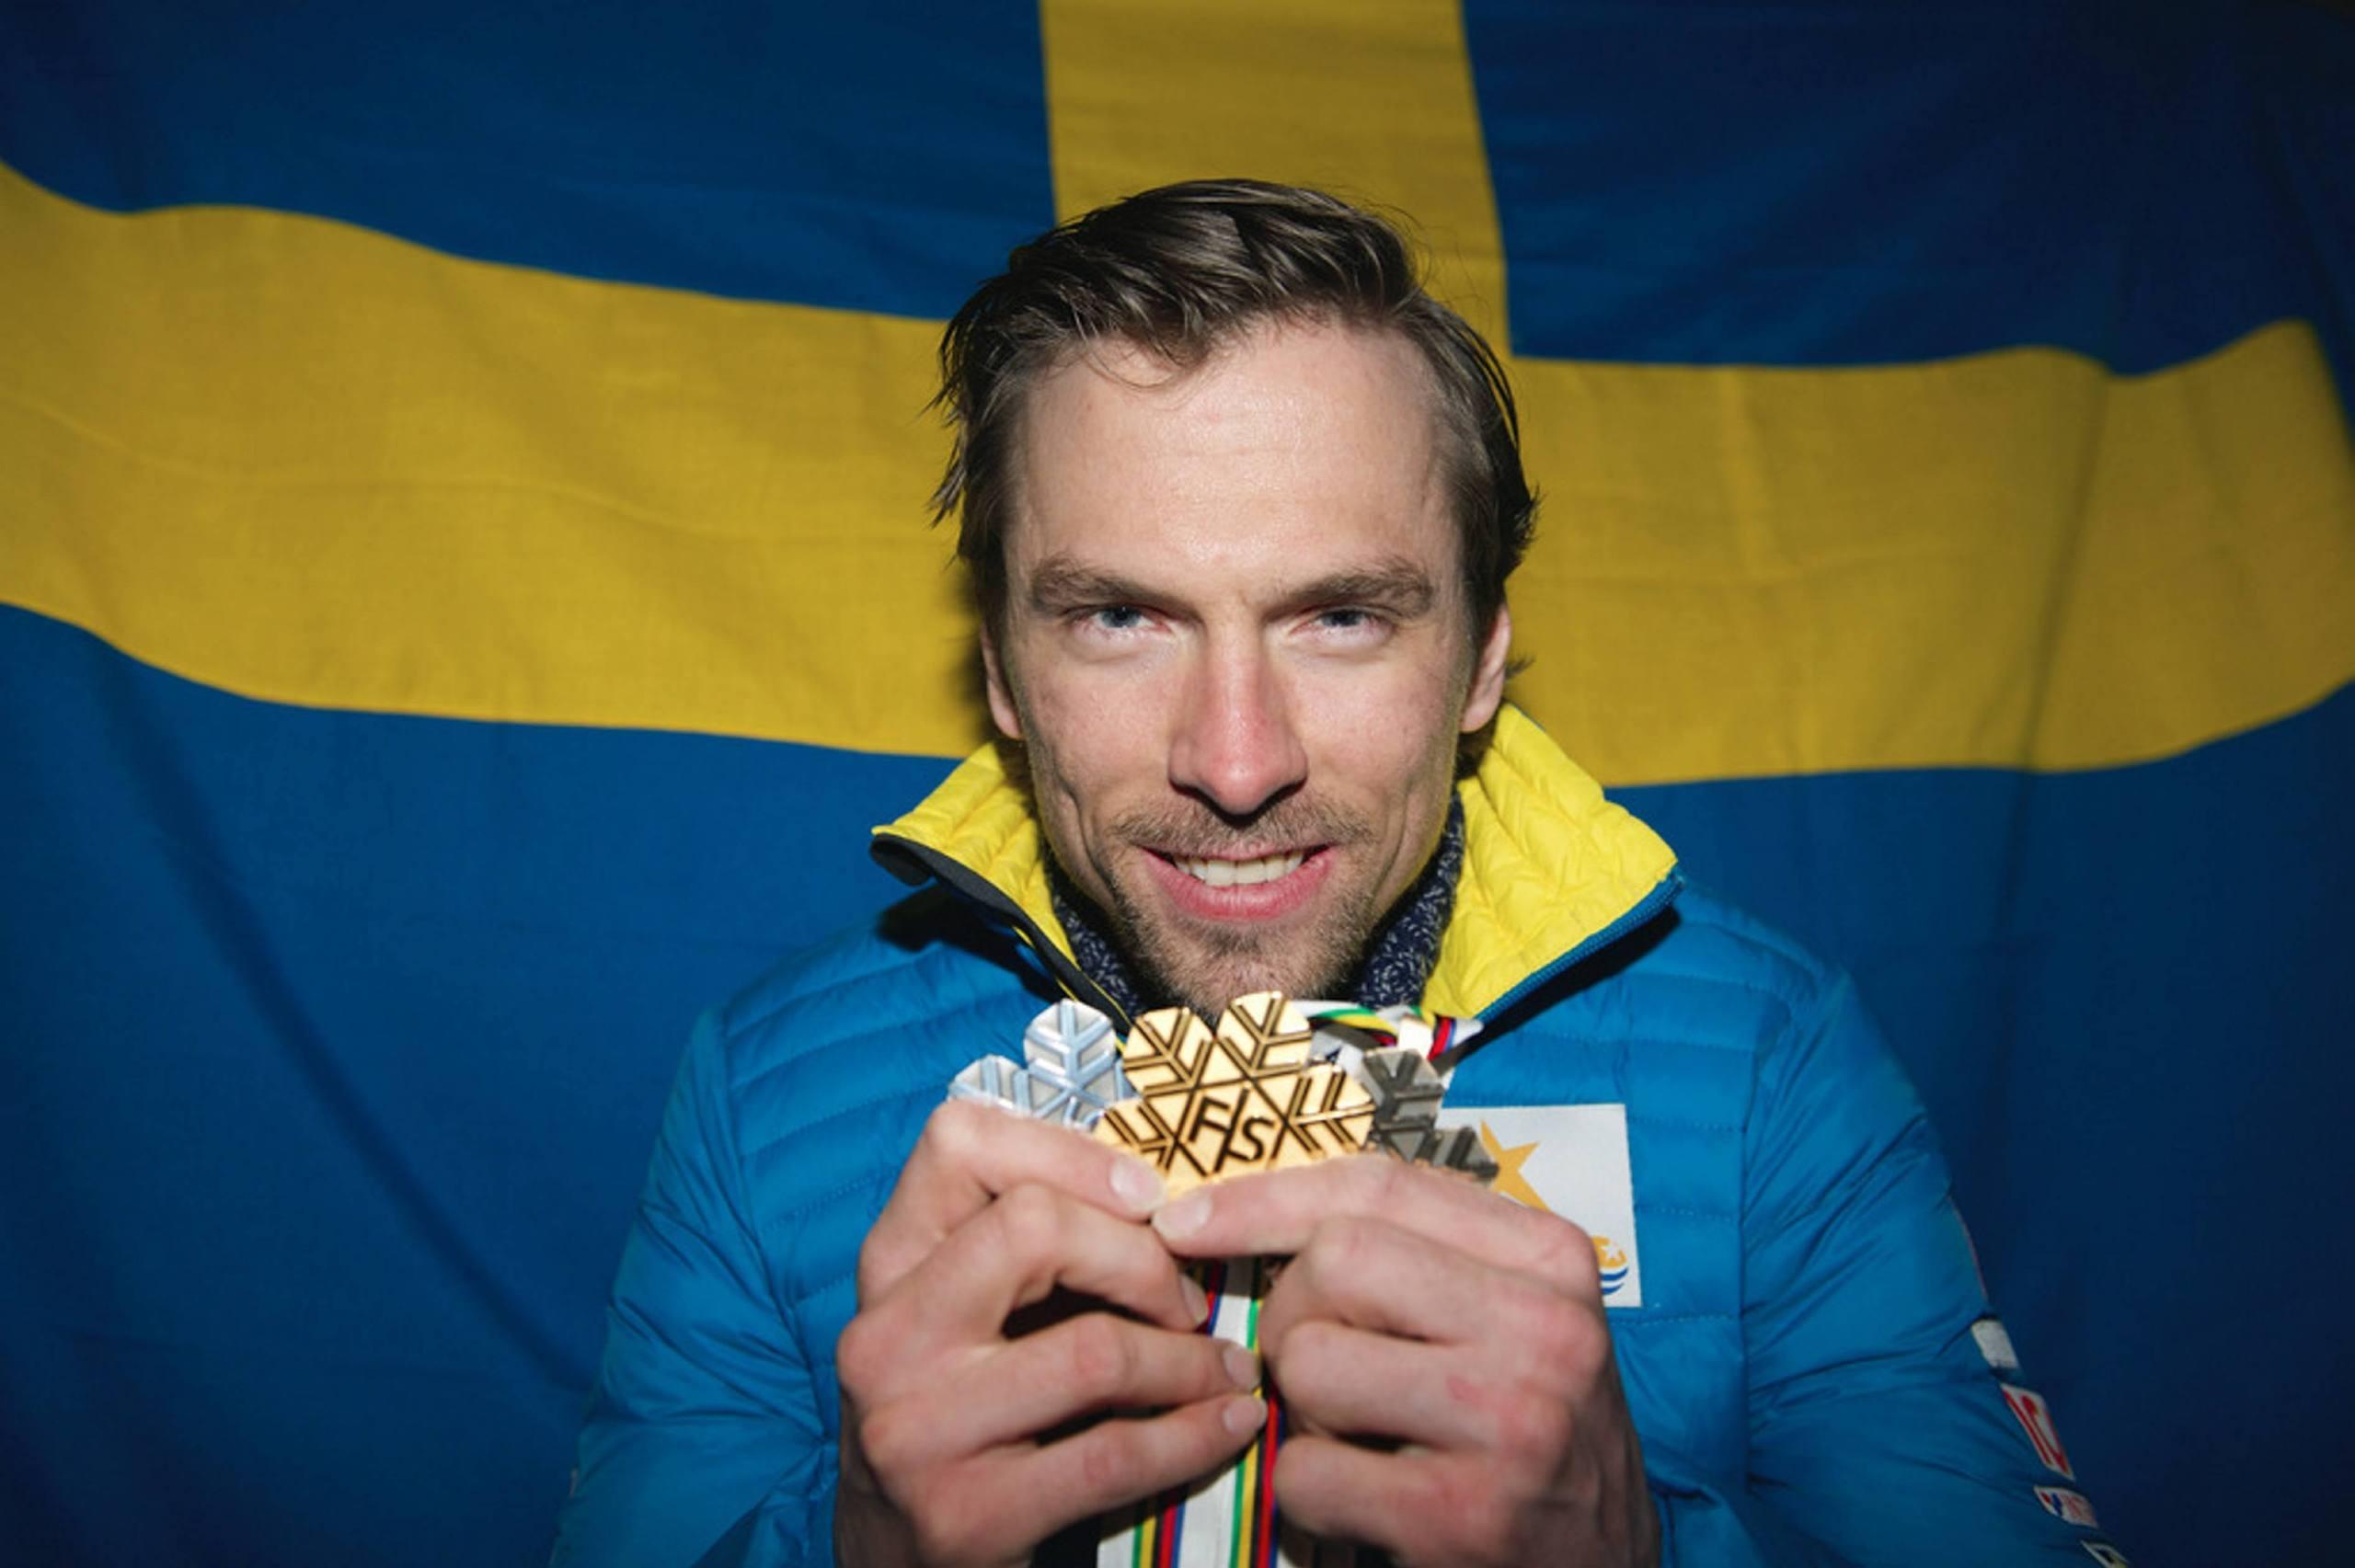 Johan olsson tvekar om framtiden